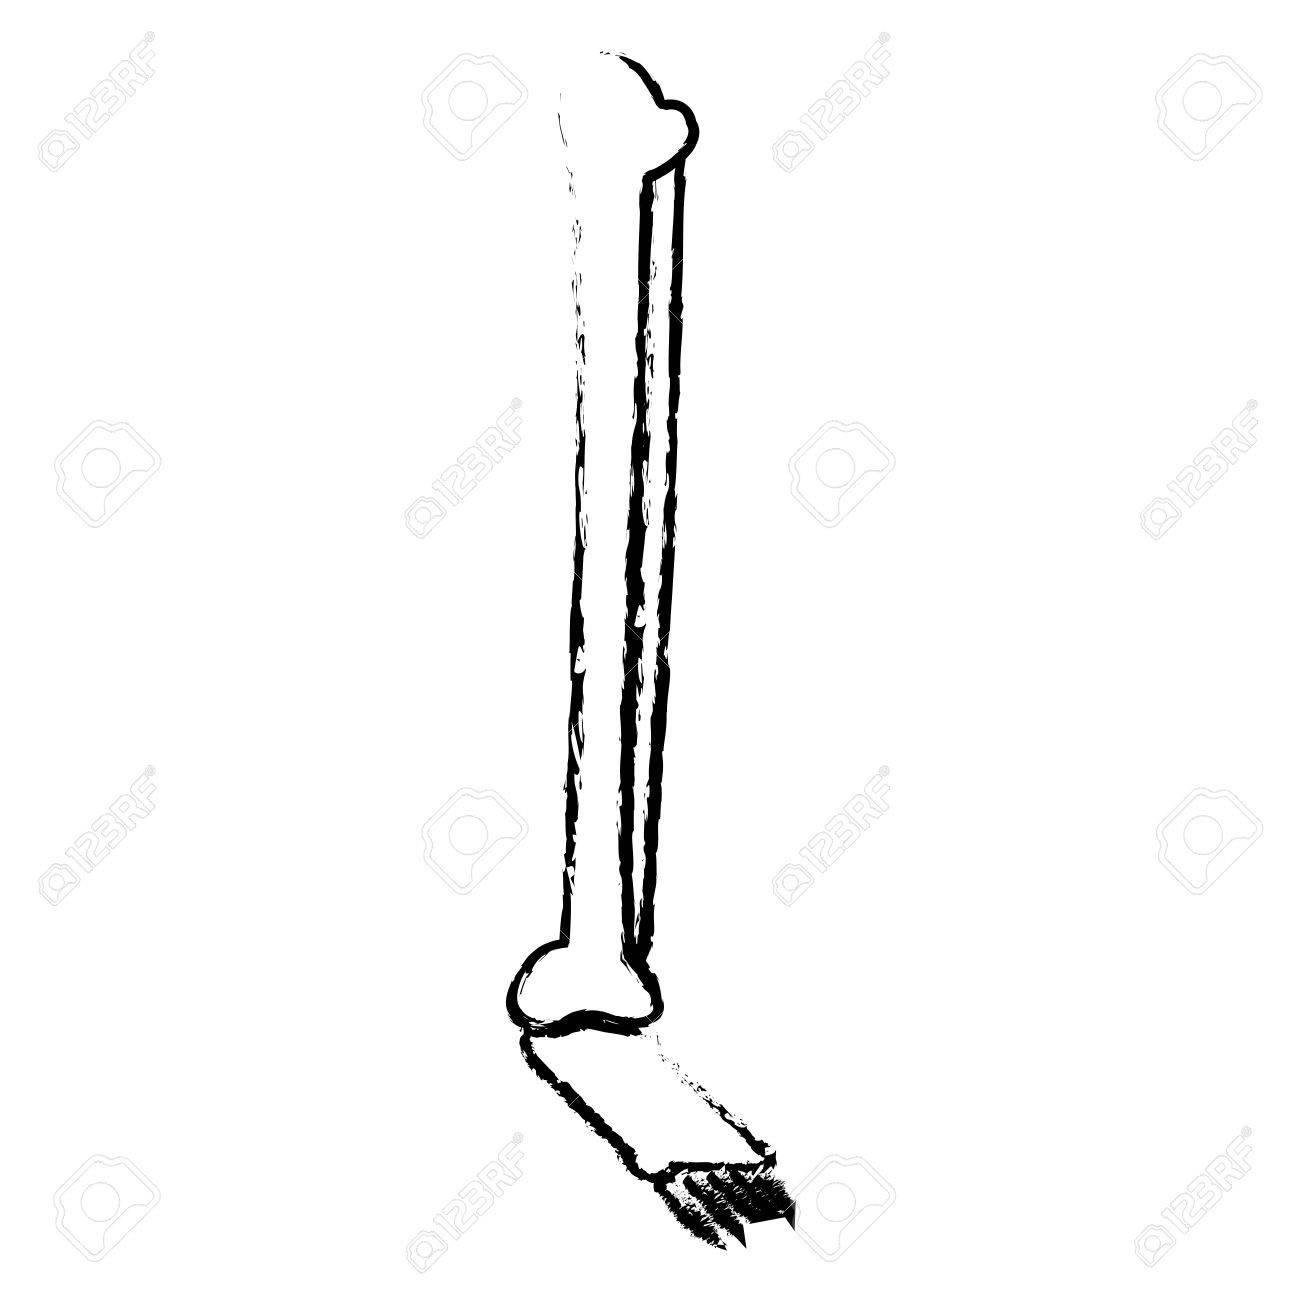 Menschliche Bein Fuß Knochen Anatomie Medizinische Skizze Vektor ...